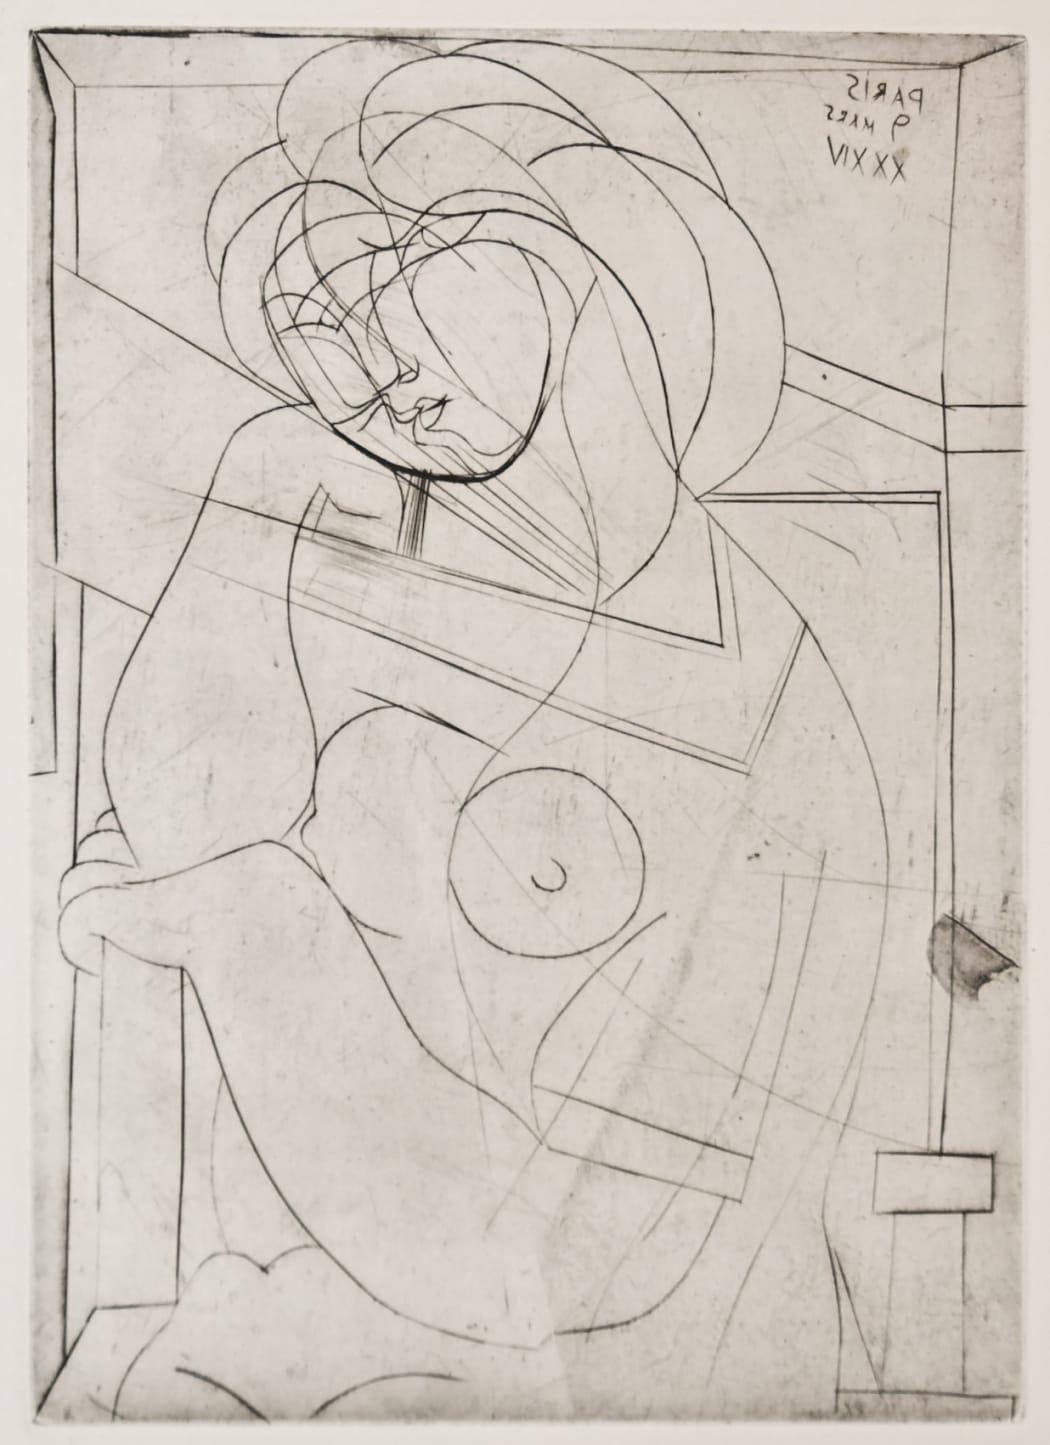 Femme au Fauteuil songeuse, la Joue sur la Main (S.V. 21) B218, 1934, engraving, 17 5/8 x 13 5/8 inches